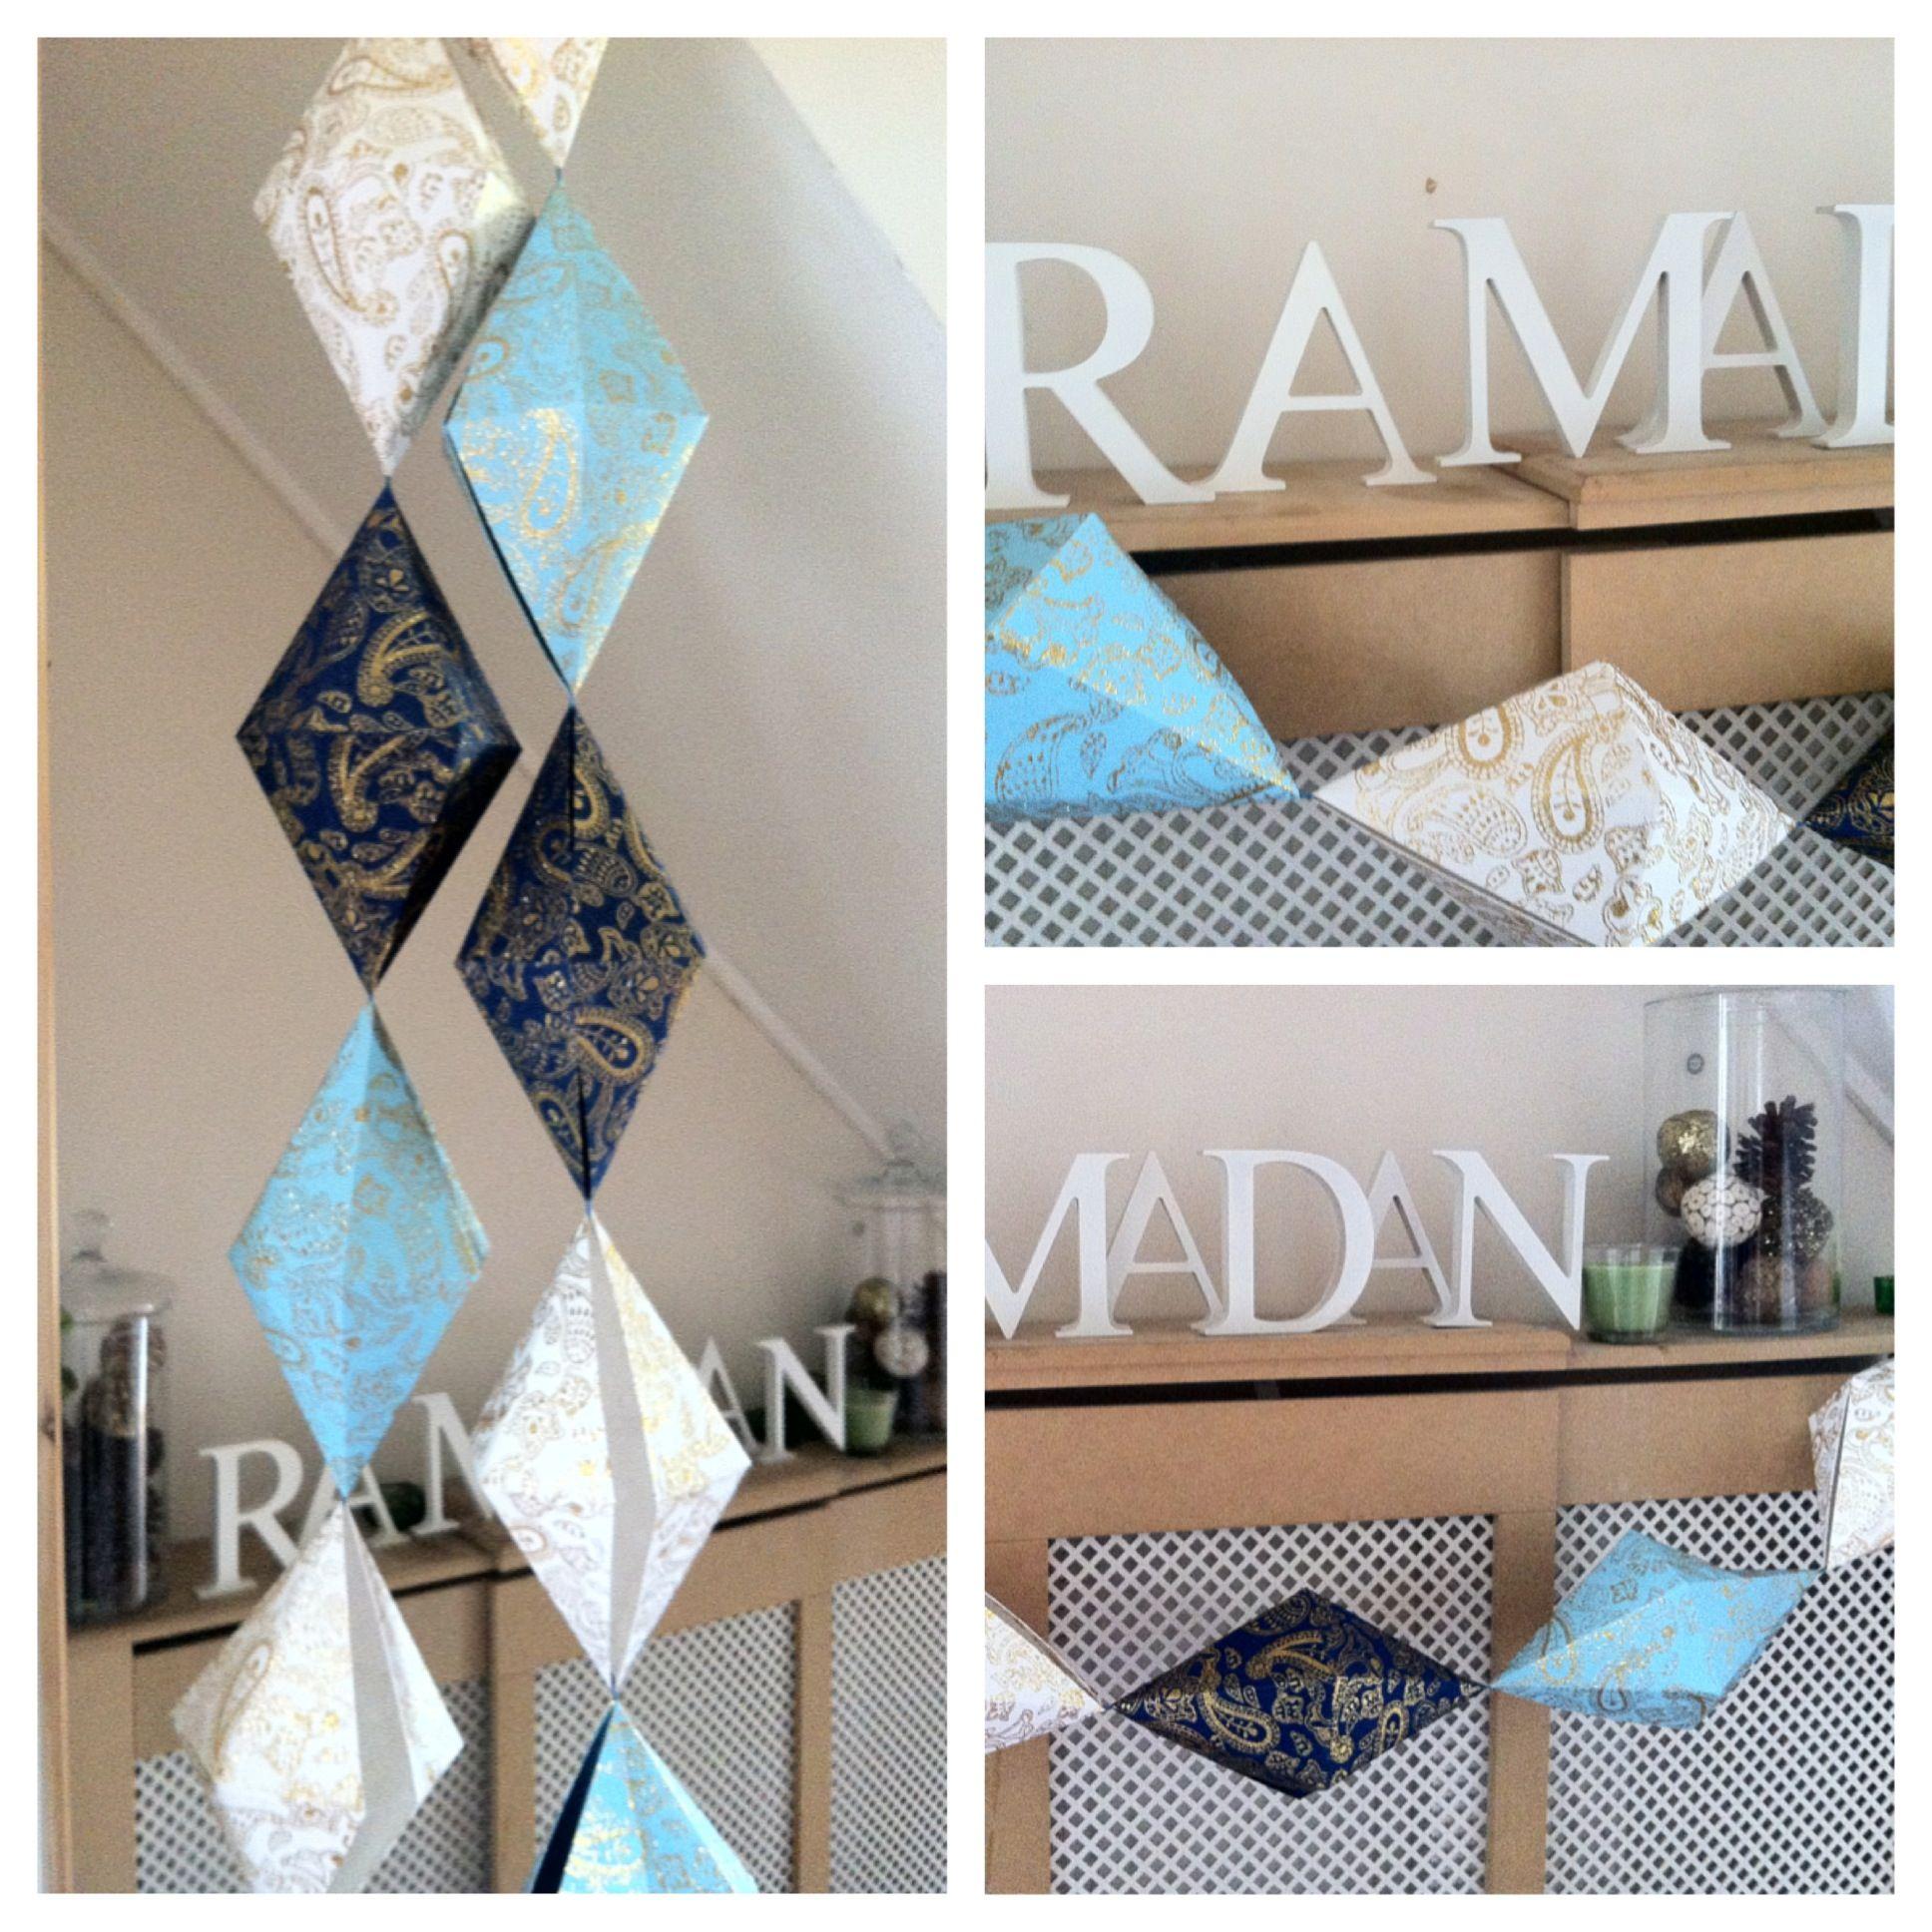 Ramadan Decoration